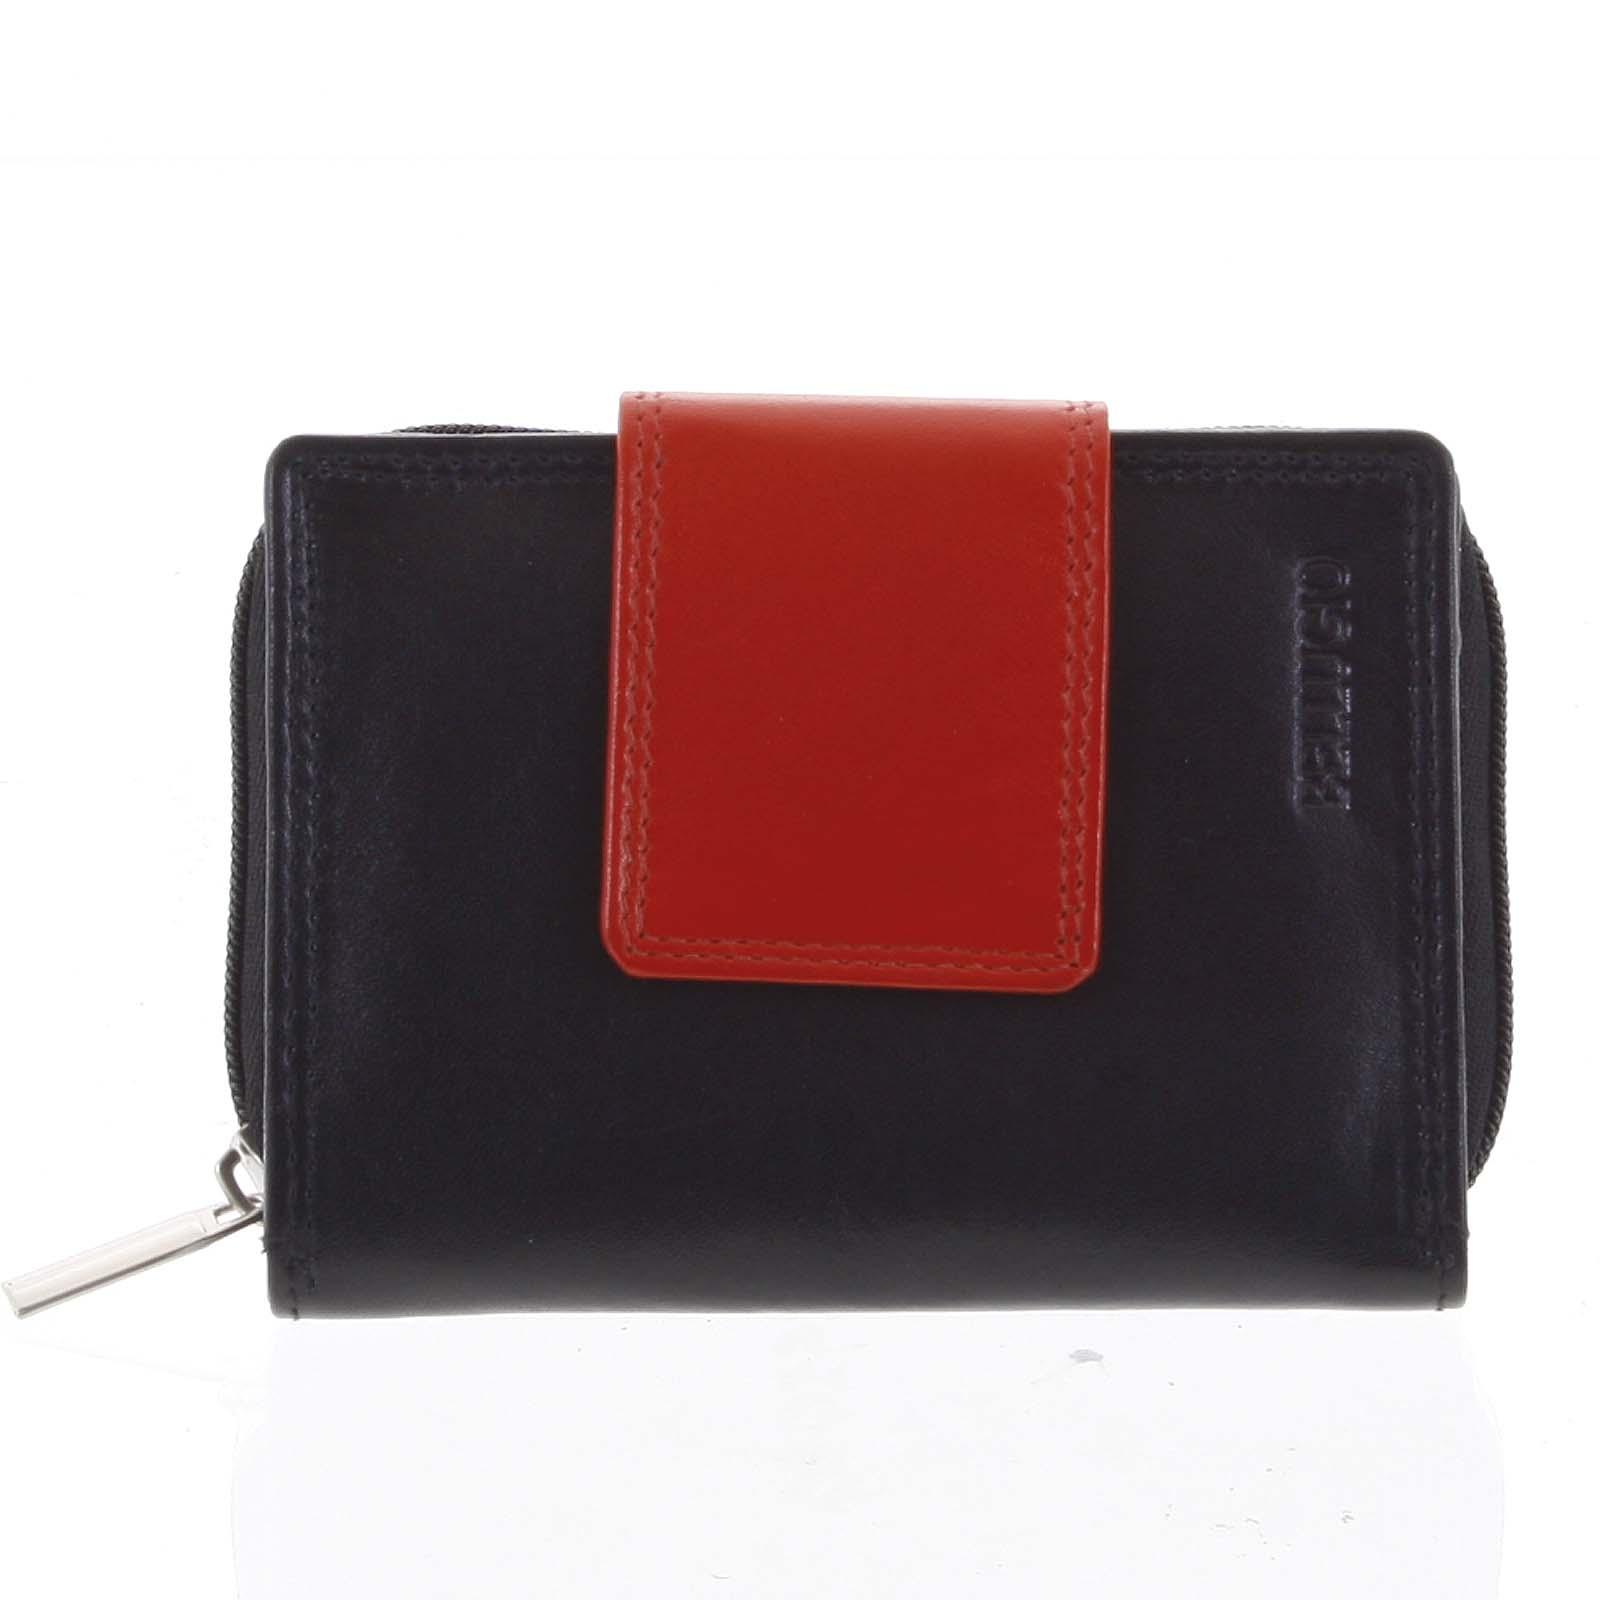 Dámska kožená peňaženka čierna - Bellugio Eliela čierna